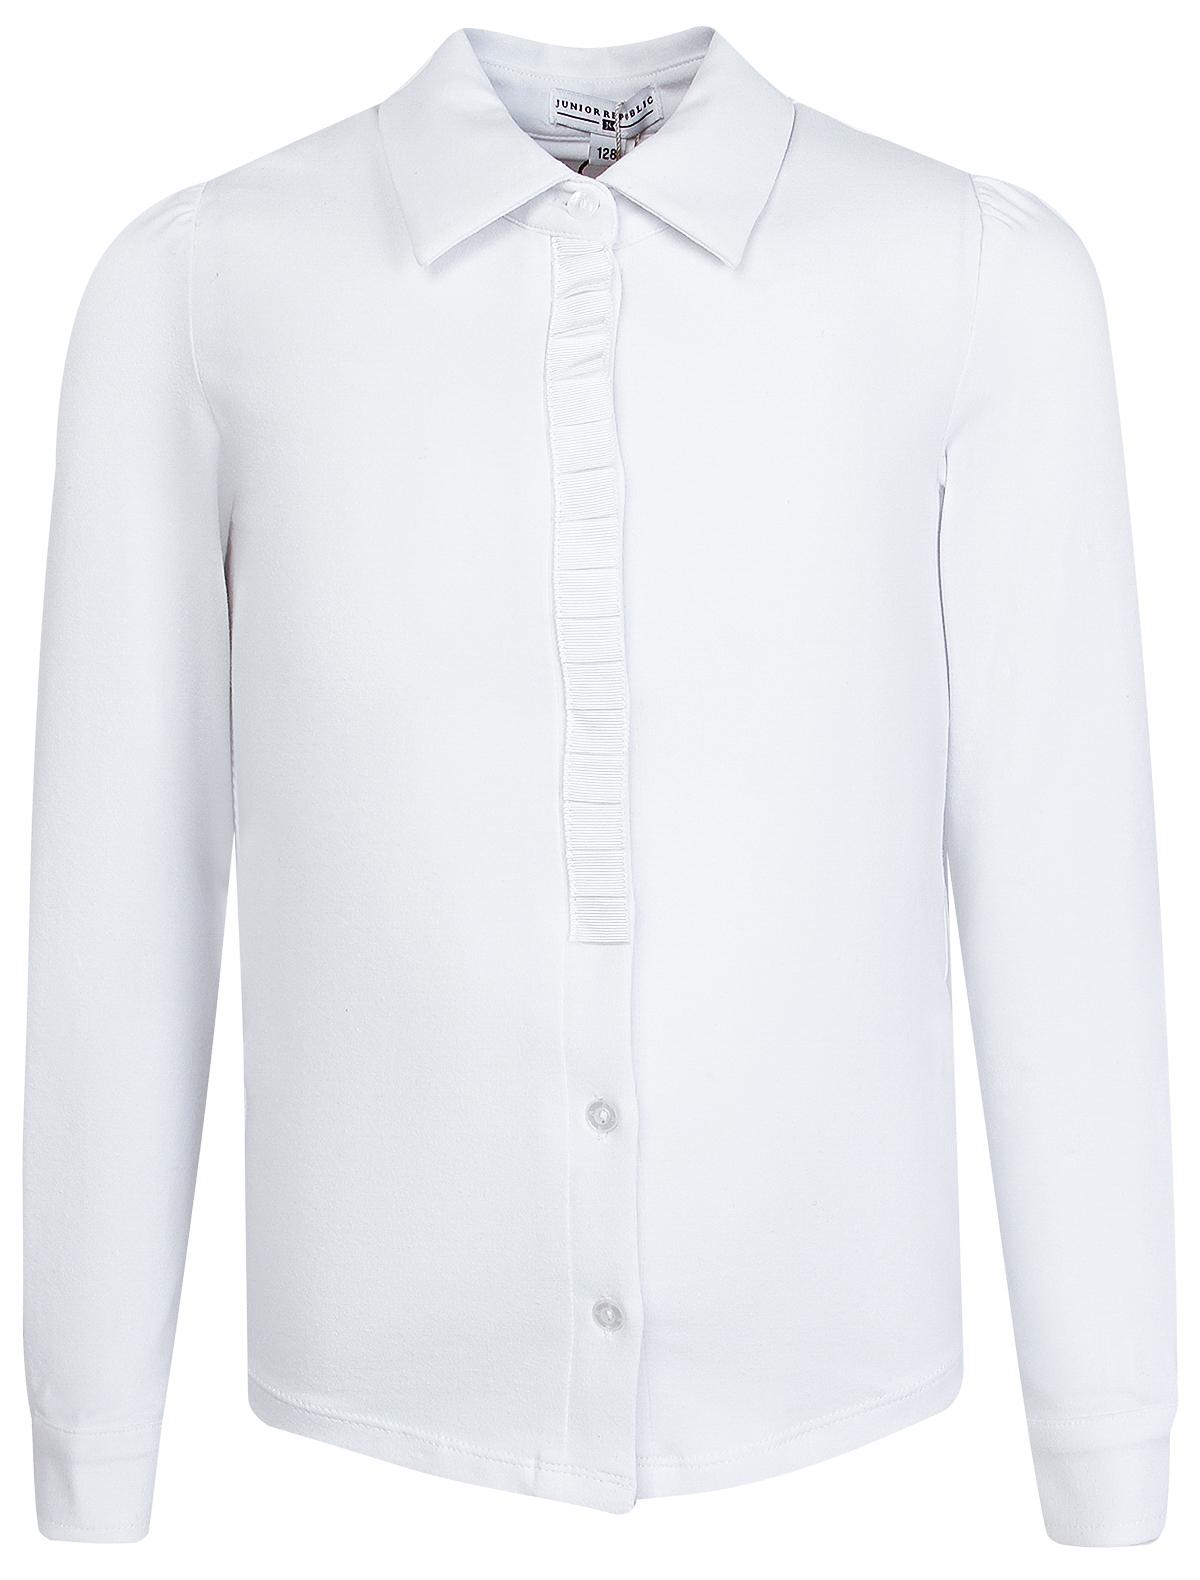 Купить 2025738, Блуза JUNIOR REPUBLIC, белый, Женский, 1031209980045